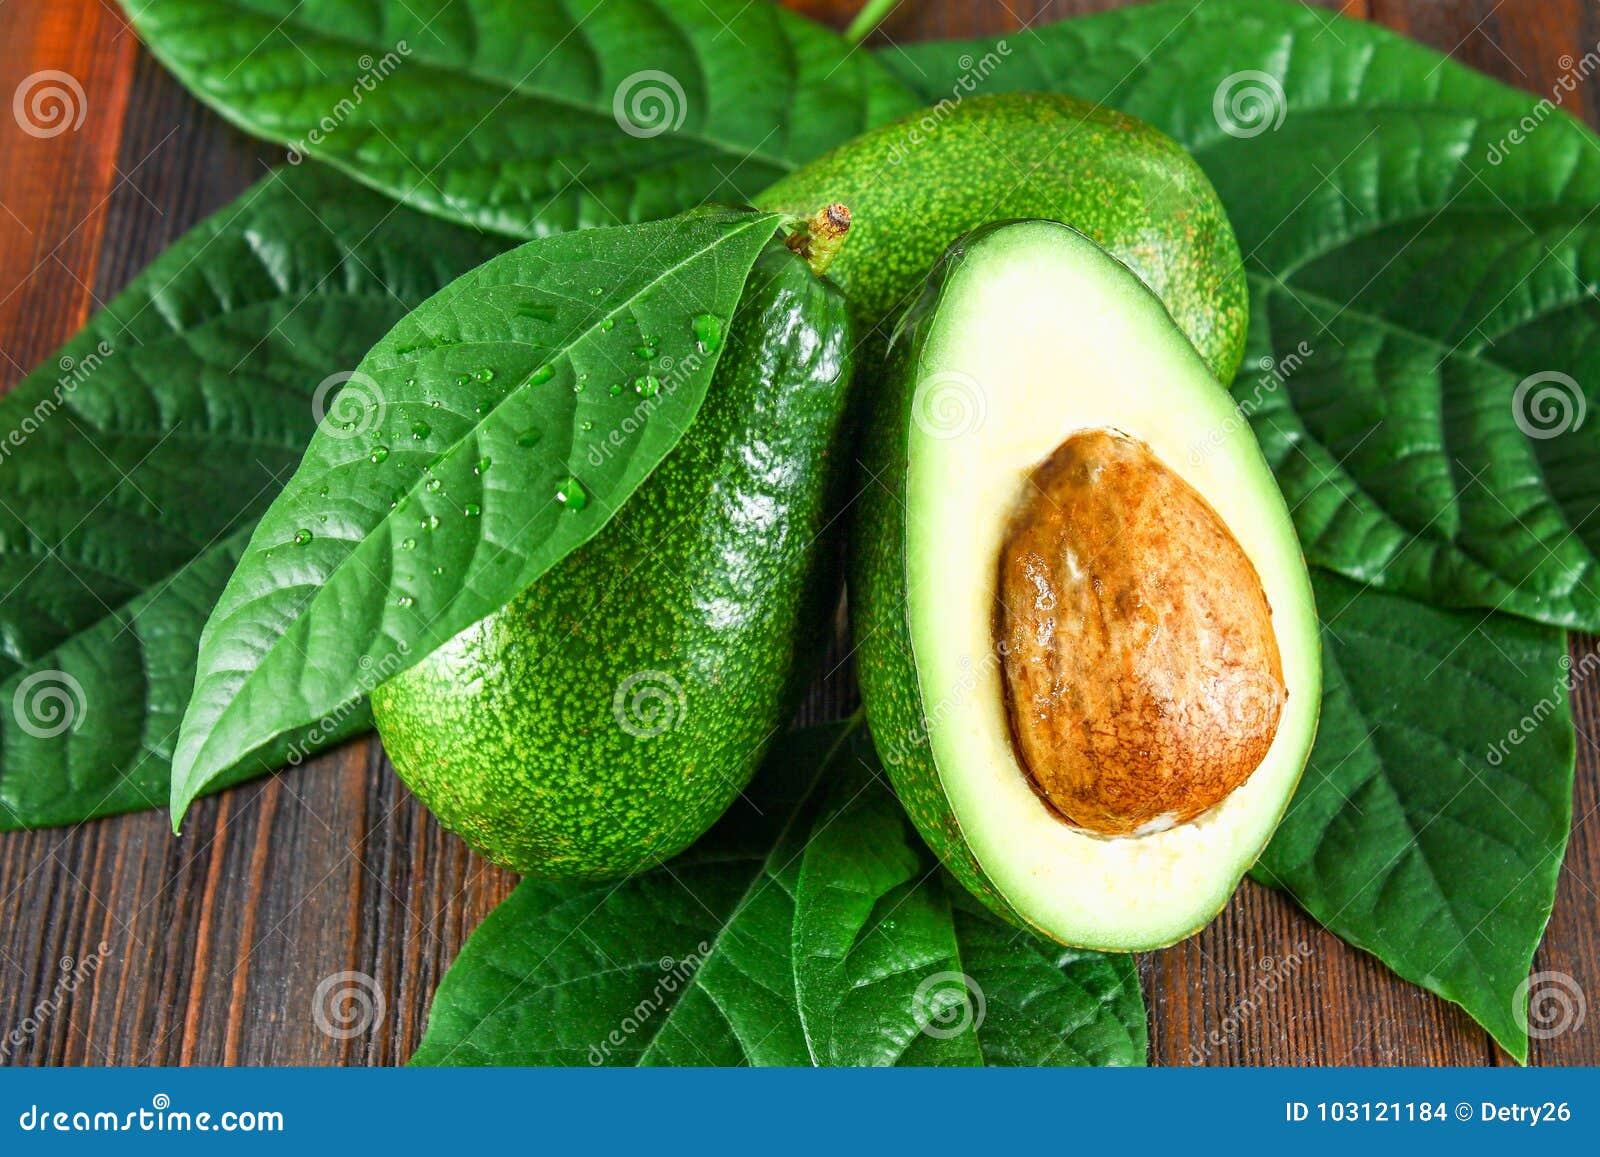 Tre di avocado maturi crudi verdi e un taglio mezzo con un osso con le foglie su una tavola di legno marrone